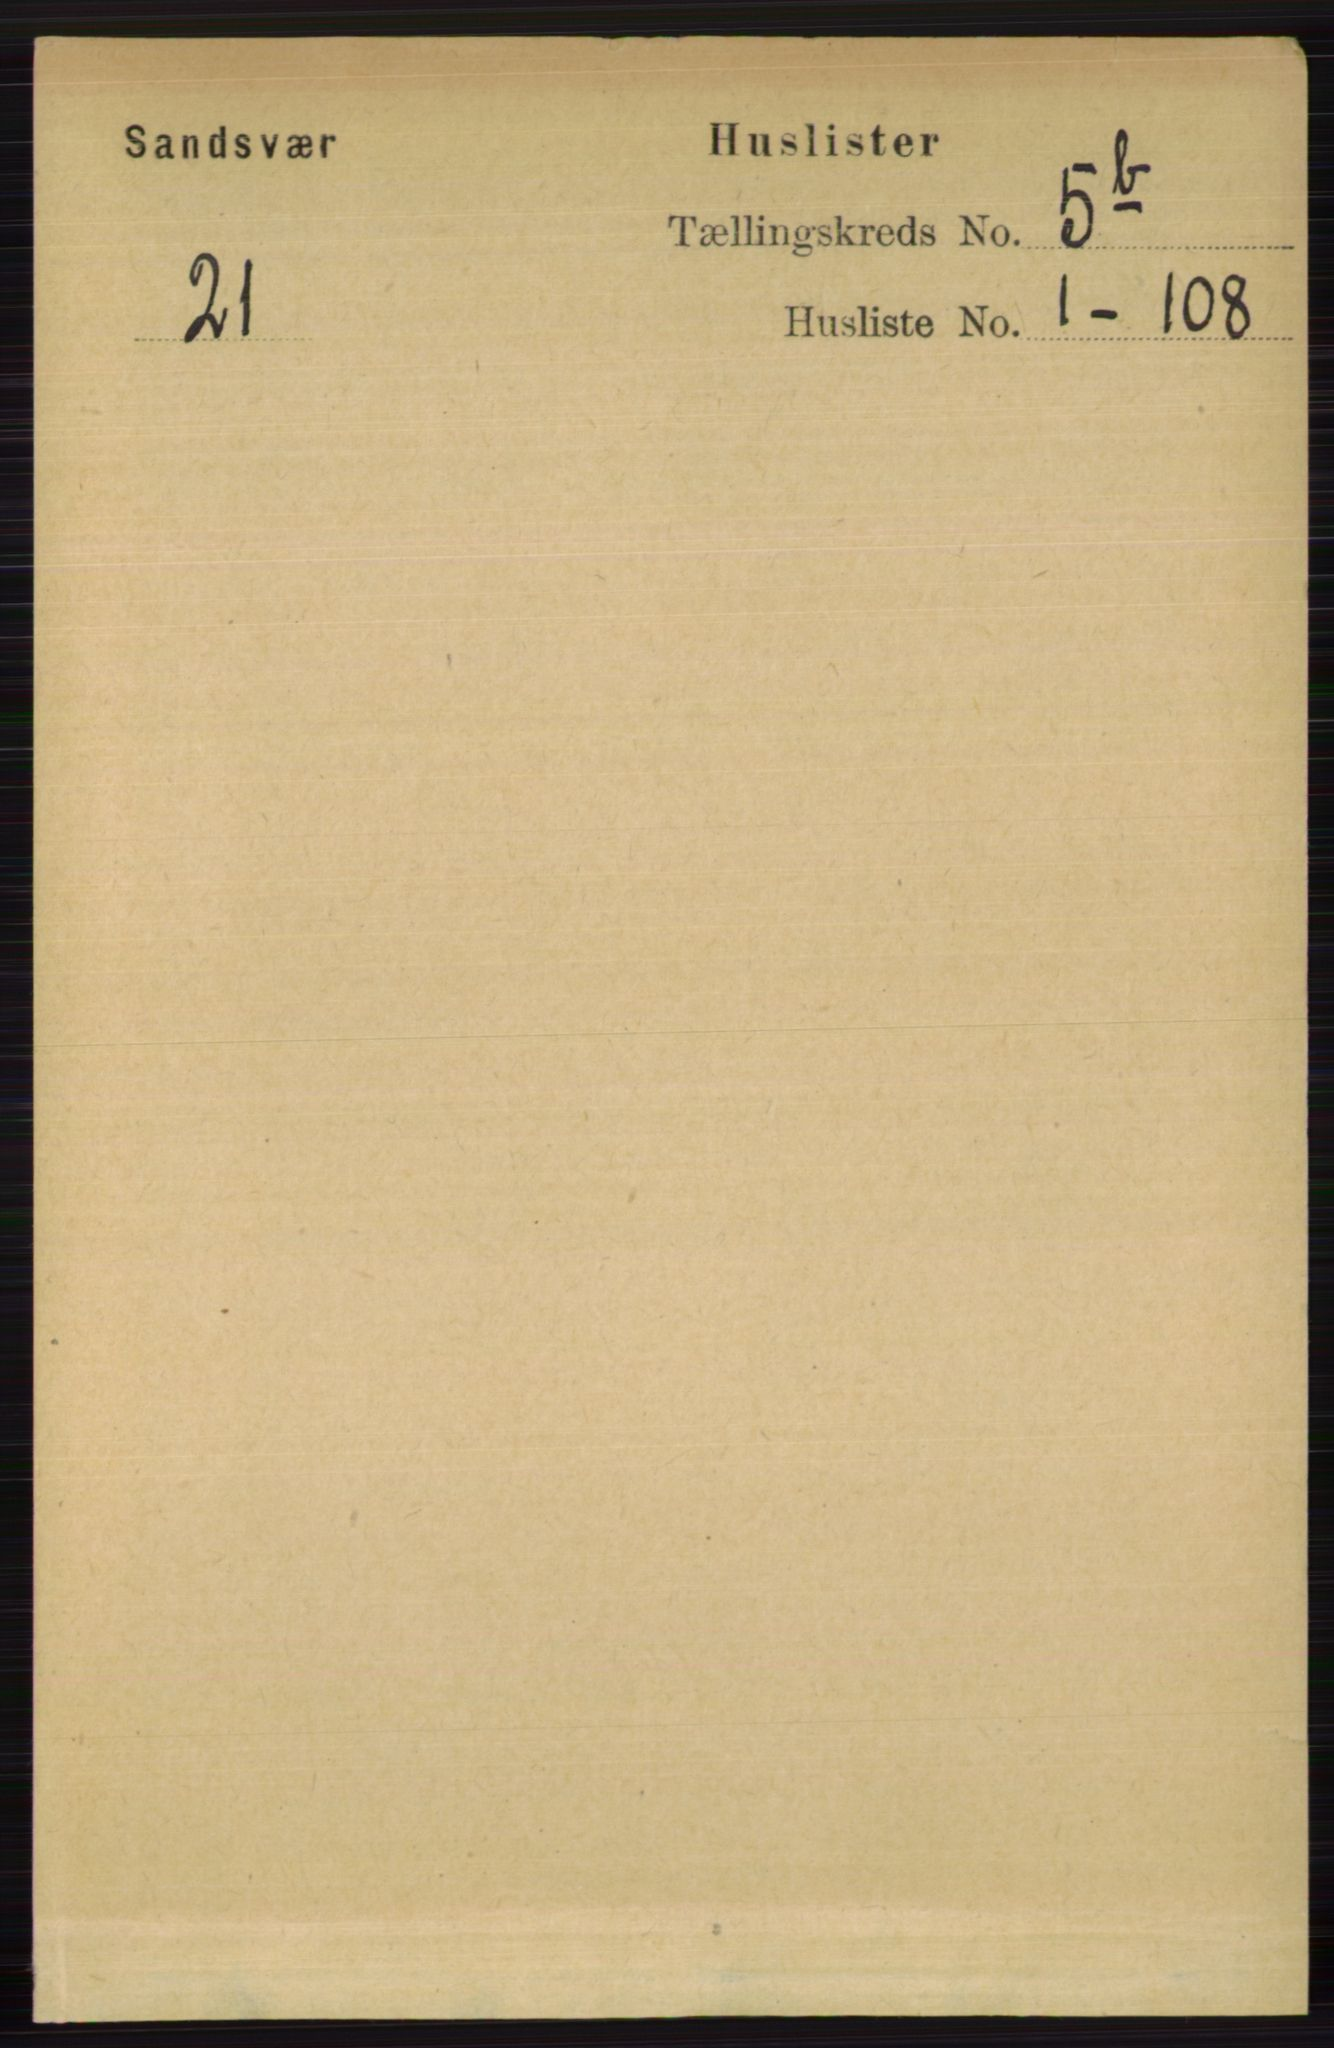 RA, Folketelling 1891 for 0629 Sandsvær herred, 1891, s. 2679